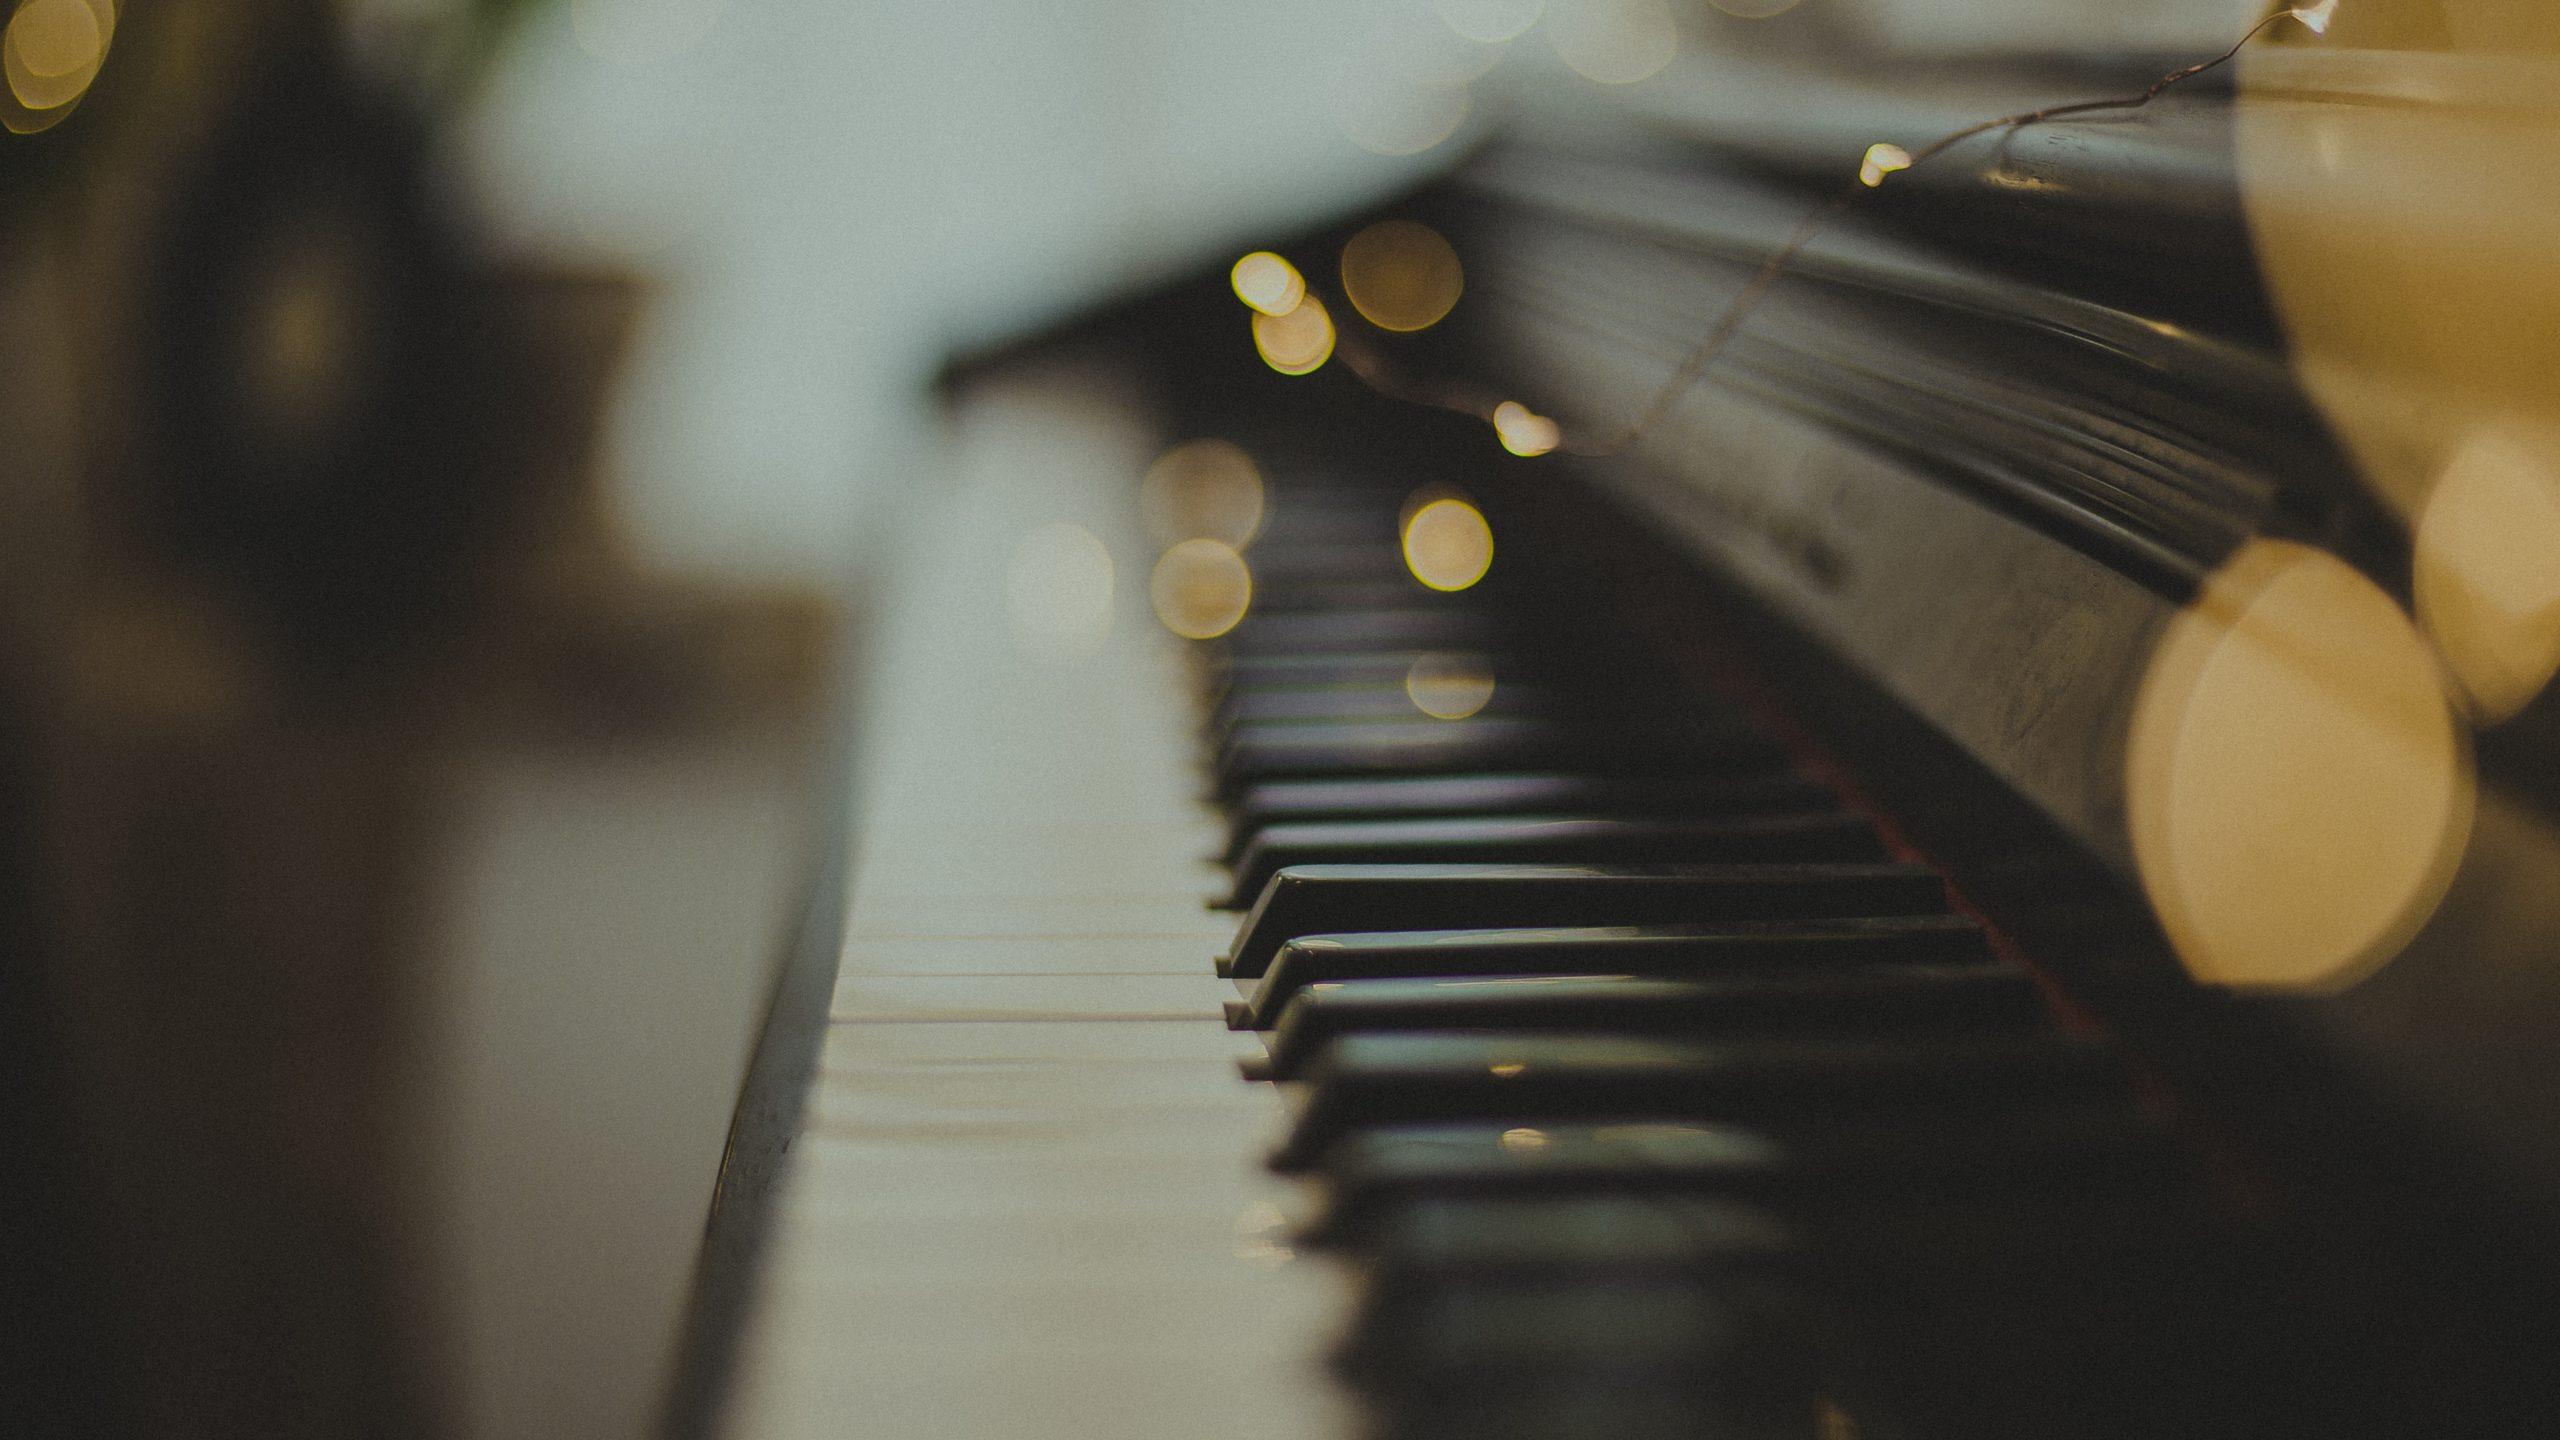 Jak Grać Kolędy Na Pianinie i Robić To Przepięknie – Nawet BEZ ZNAJOMOŚCI NUT!